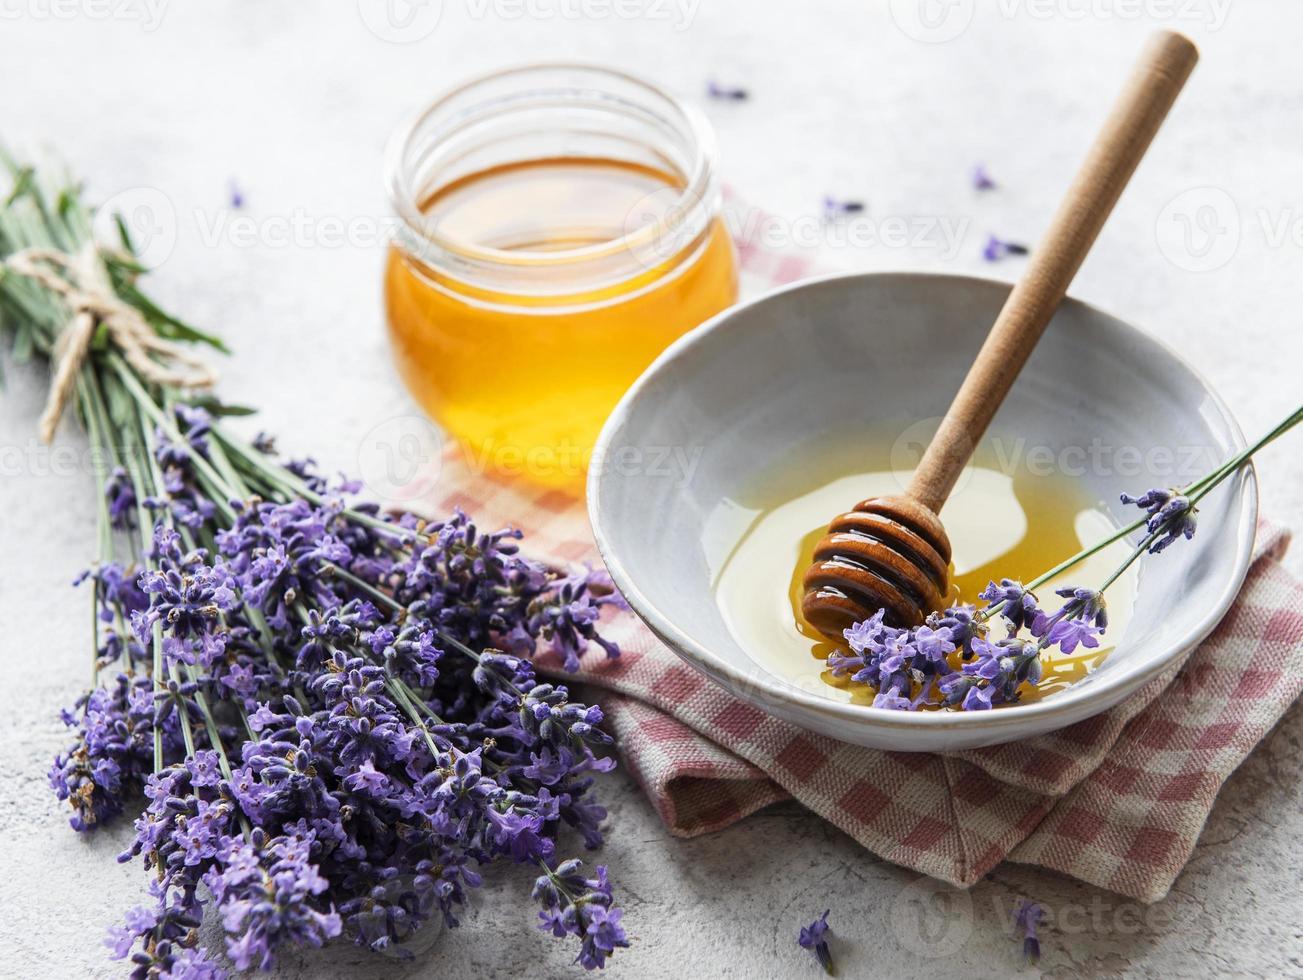 tarro con miel y flores frescas de lavanda foto